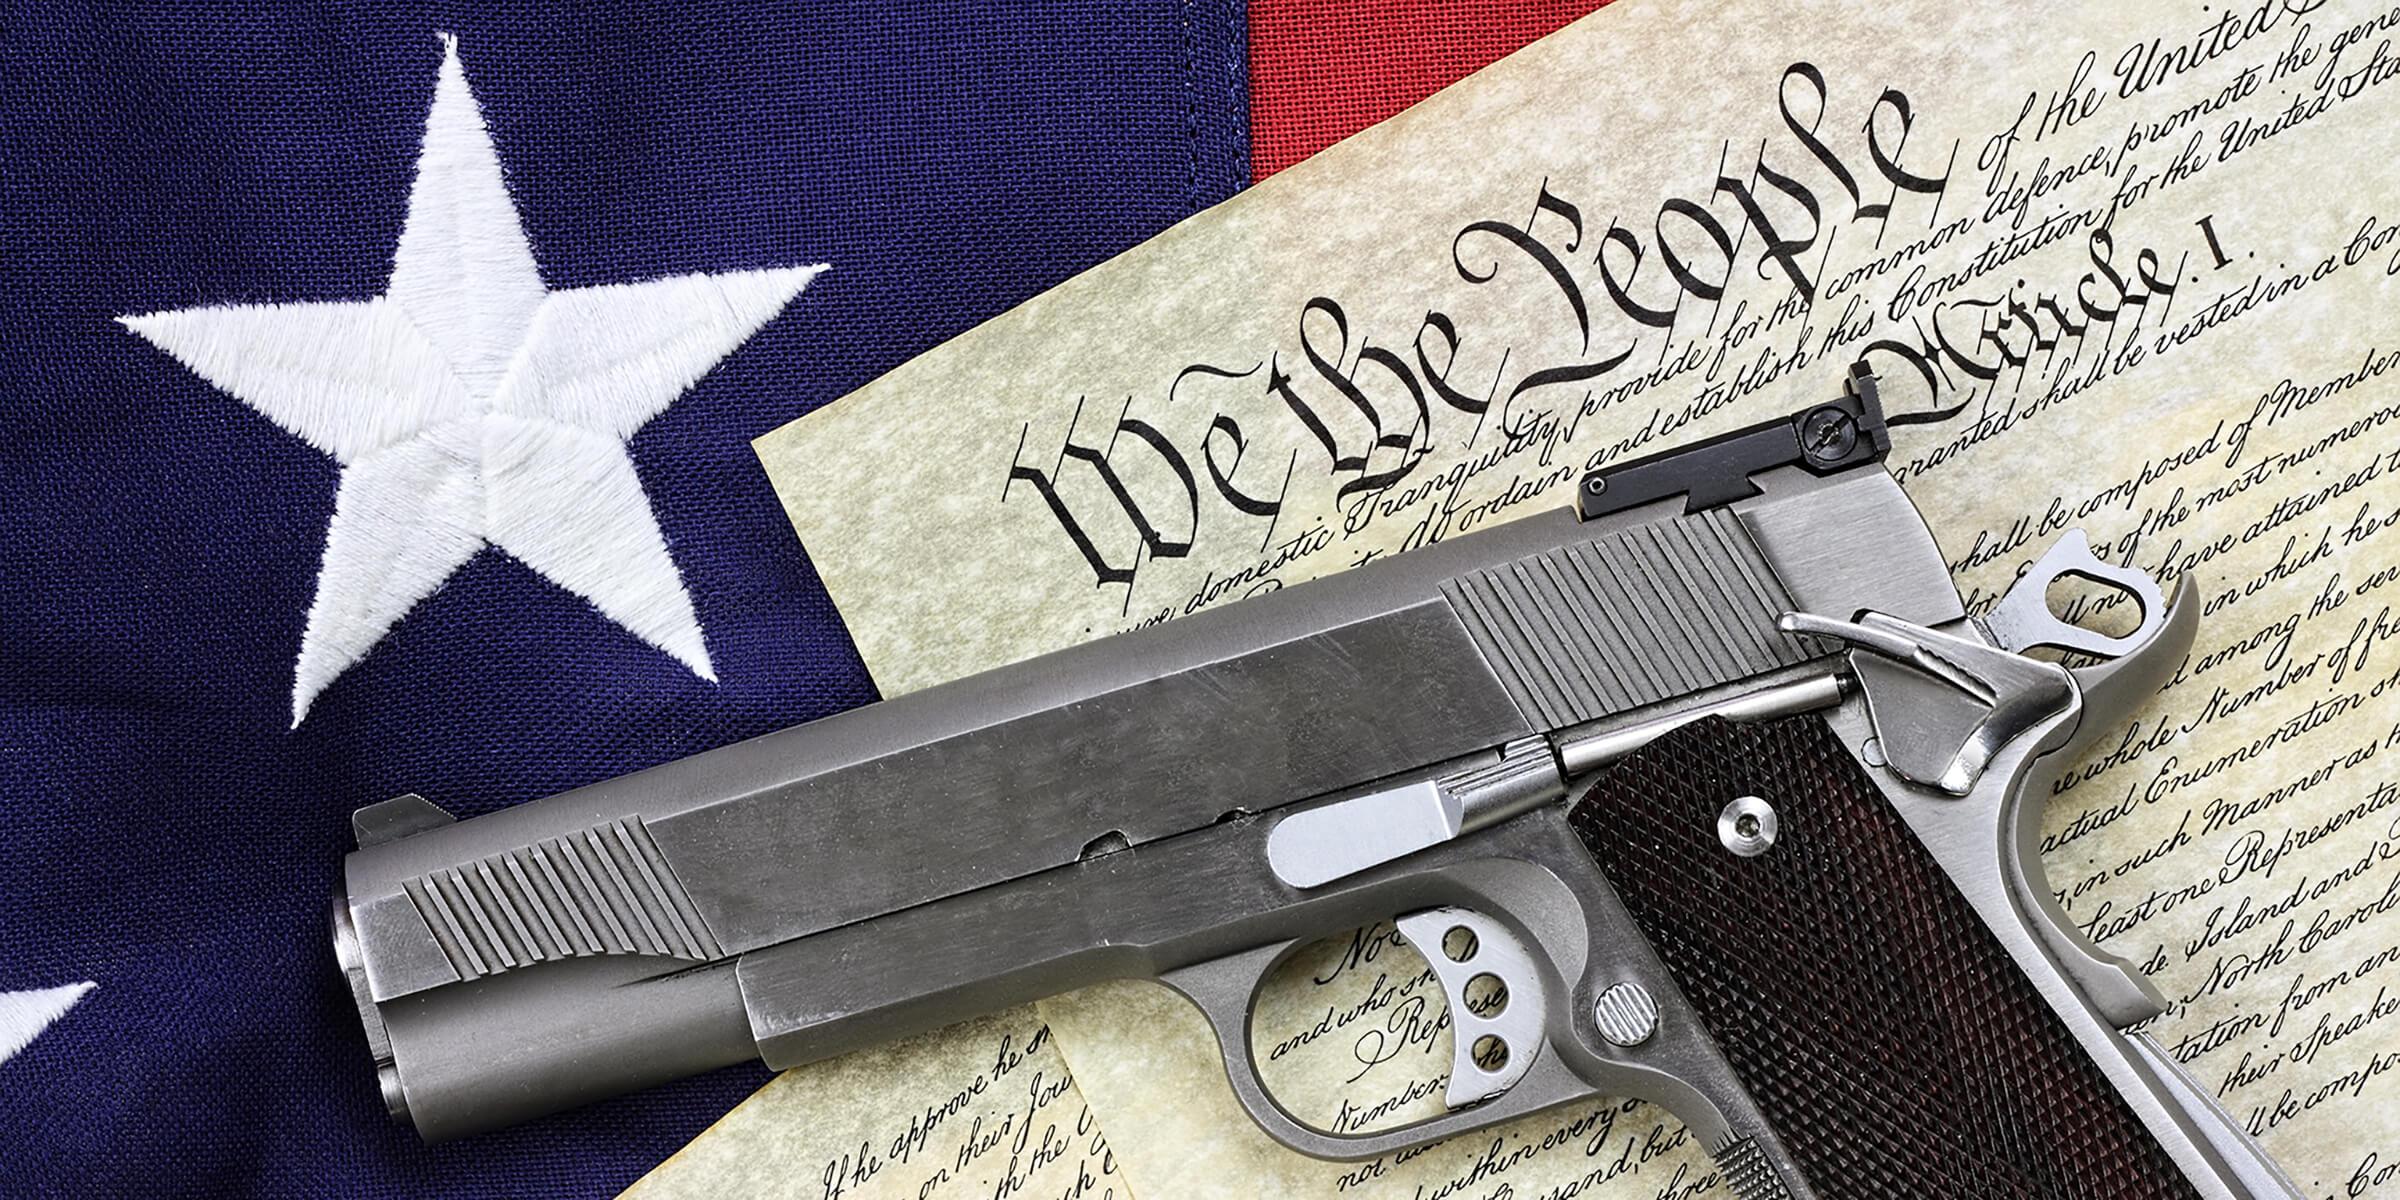 2nd Amendment, gun control, guns, firearms